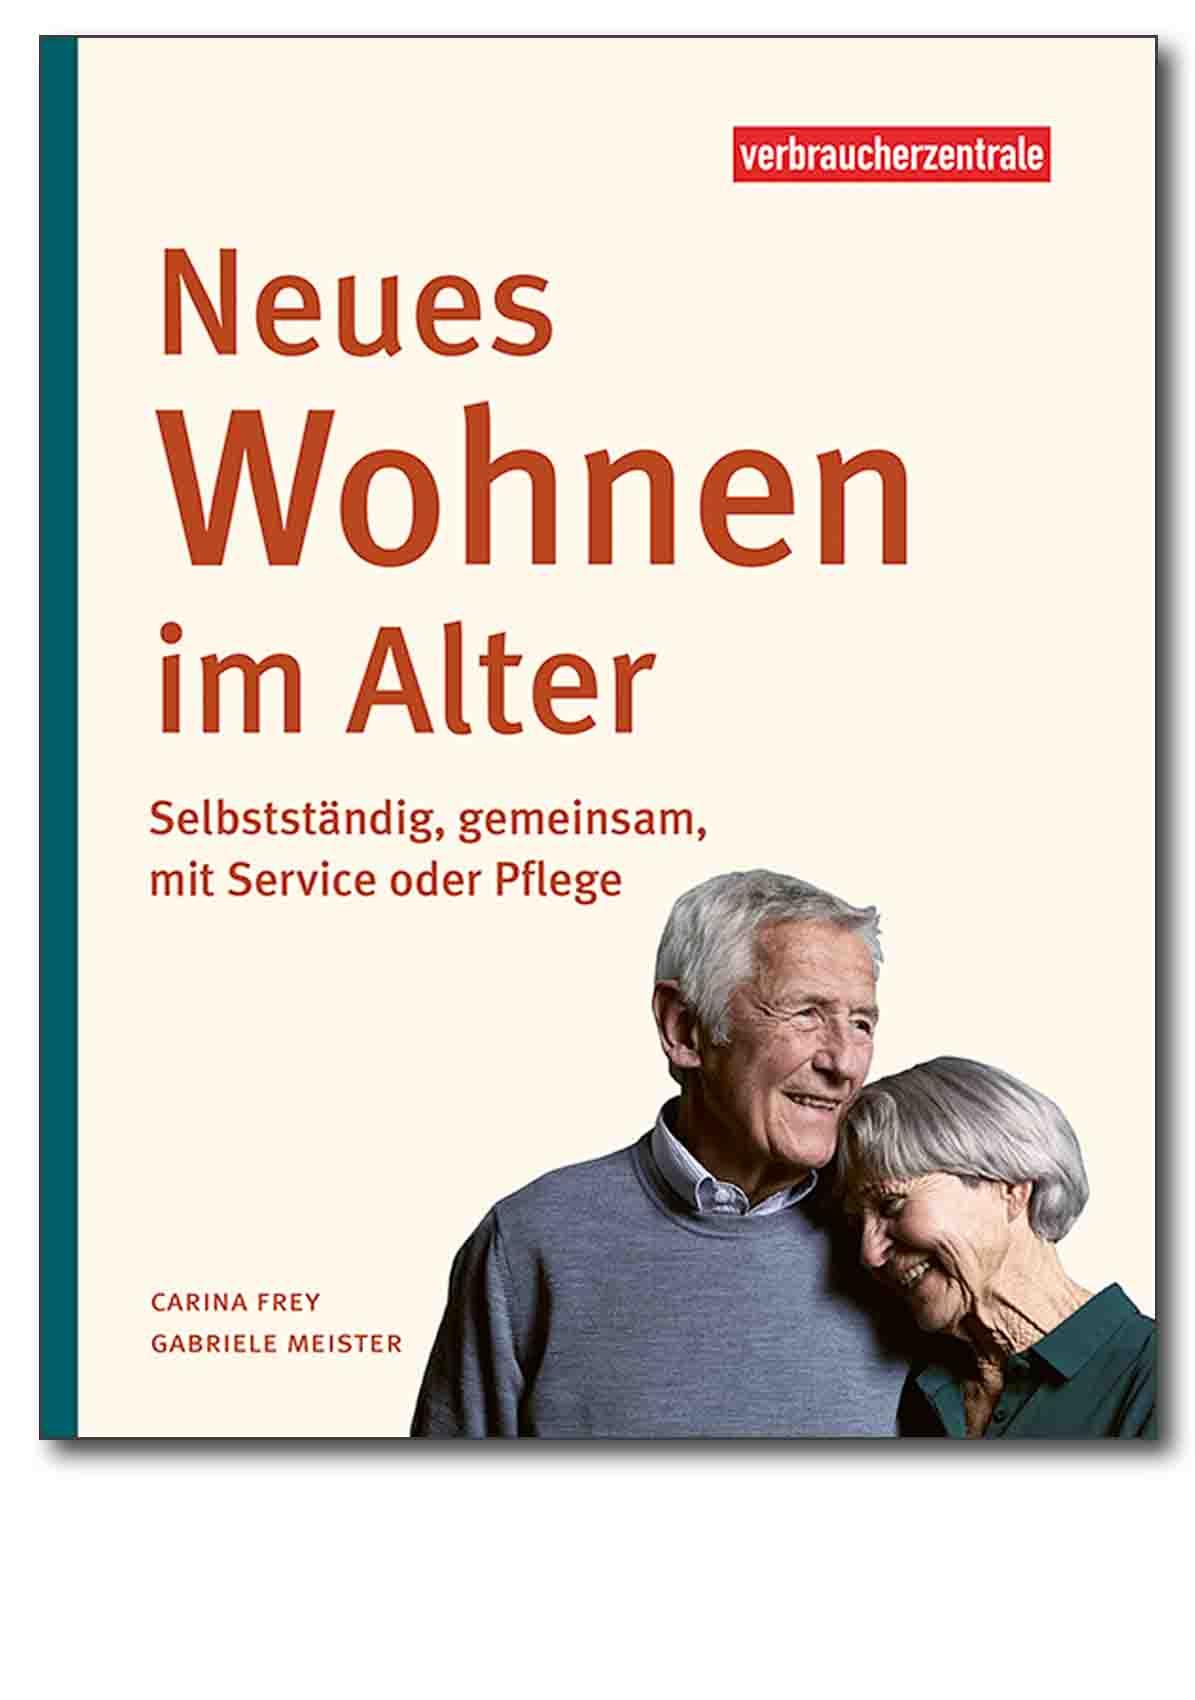 Buch - Neues Wohnen im Alter - Verbraucherzentrale